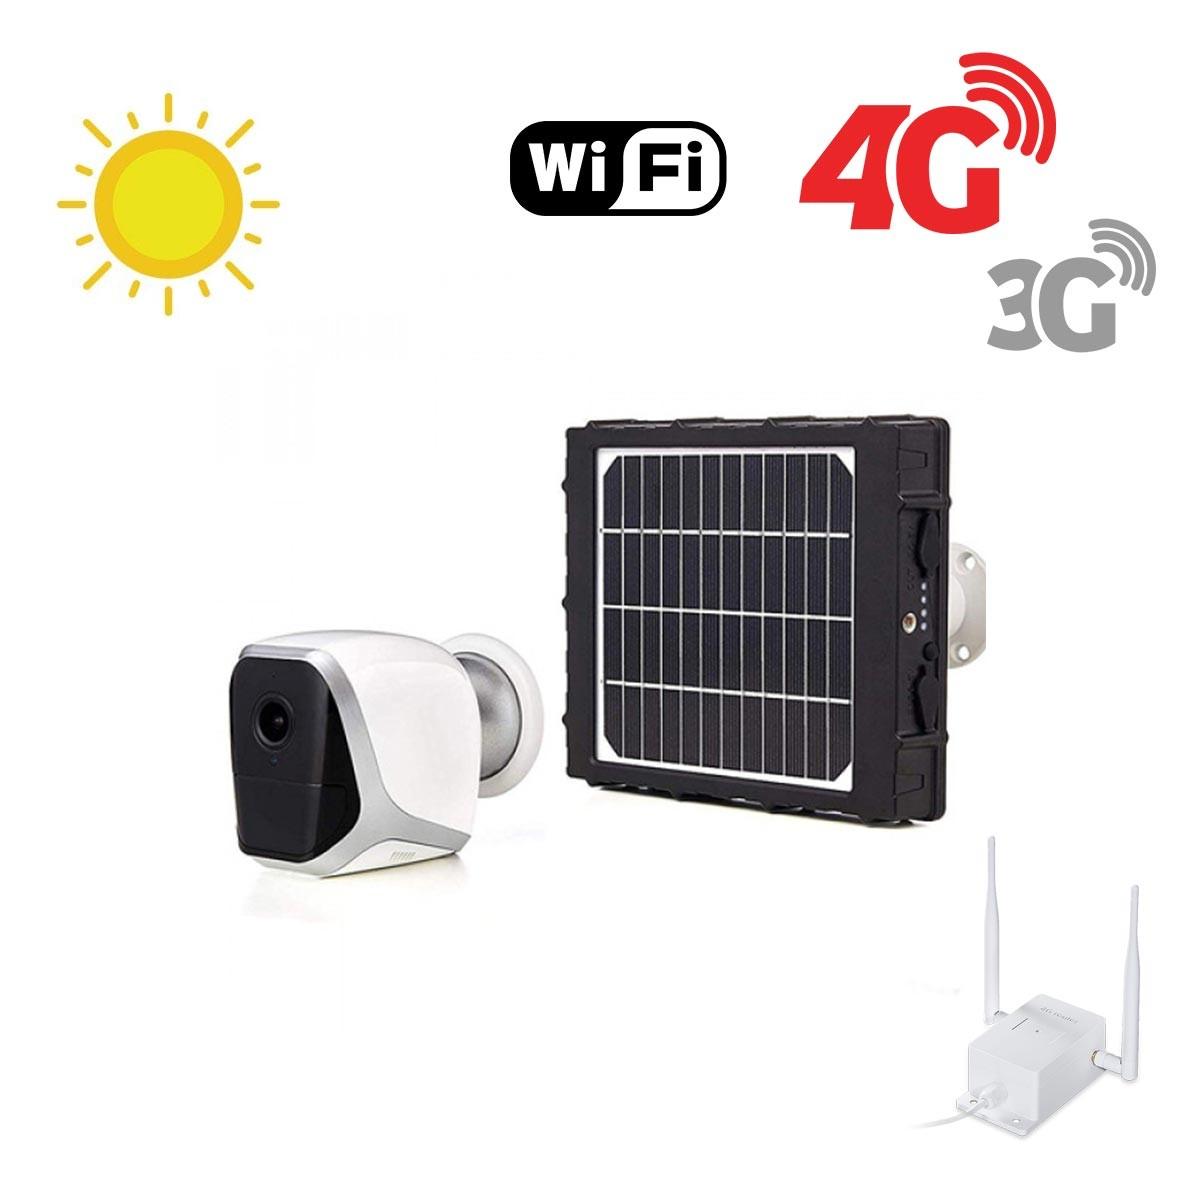 Kit de 1 smart caméra solaire Wifi HD 1080P avec routeur GSM 3G 4G WiFi